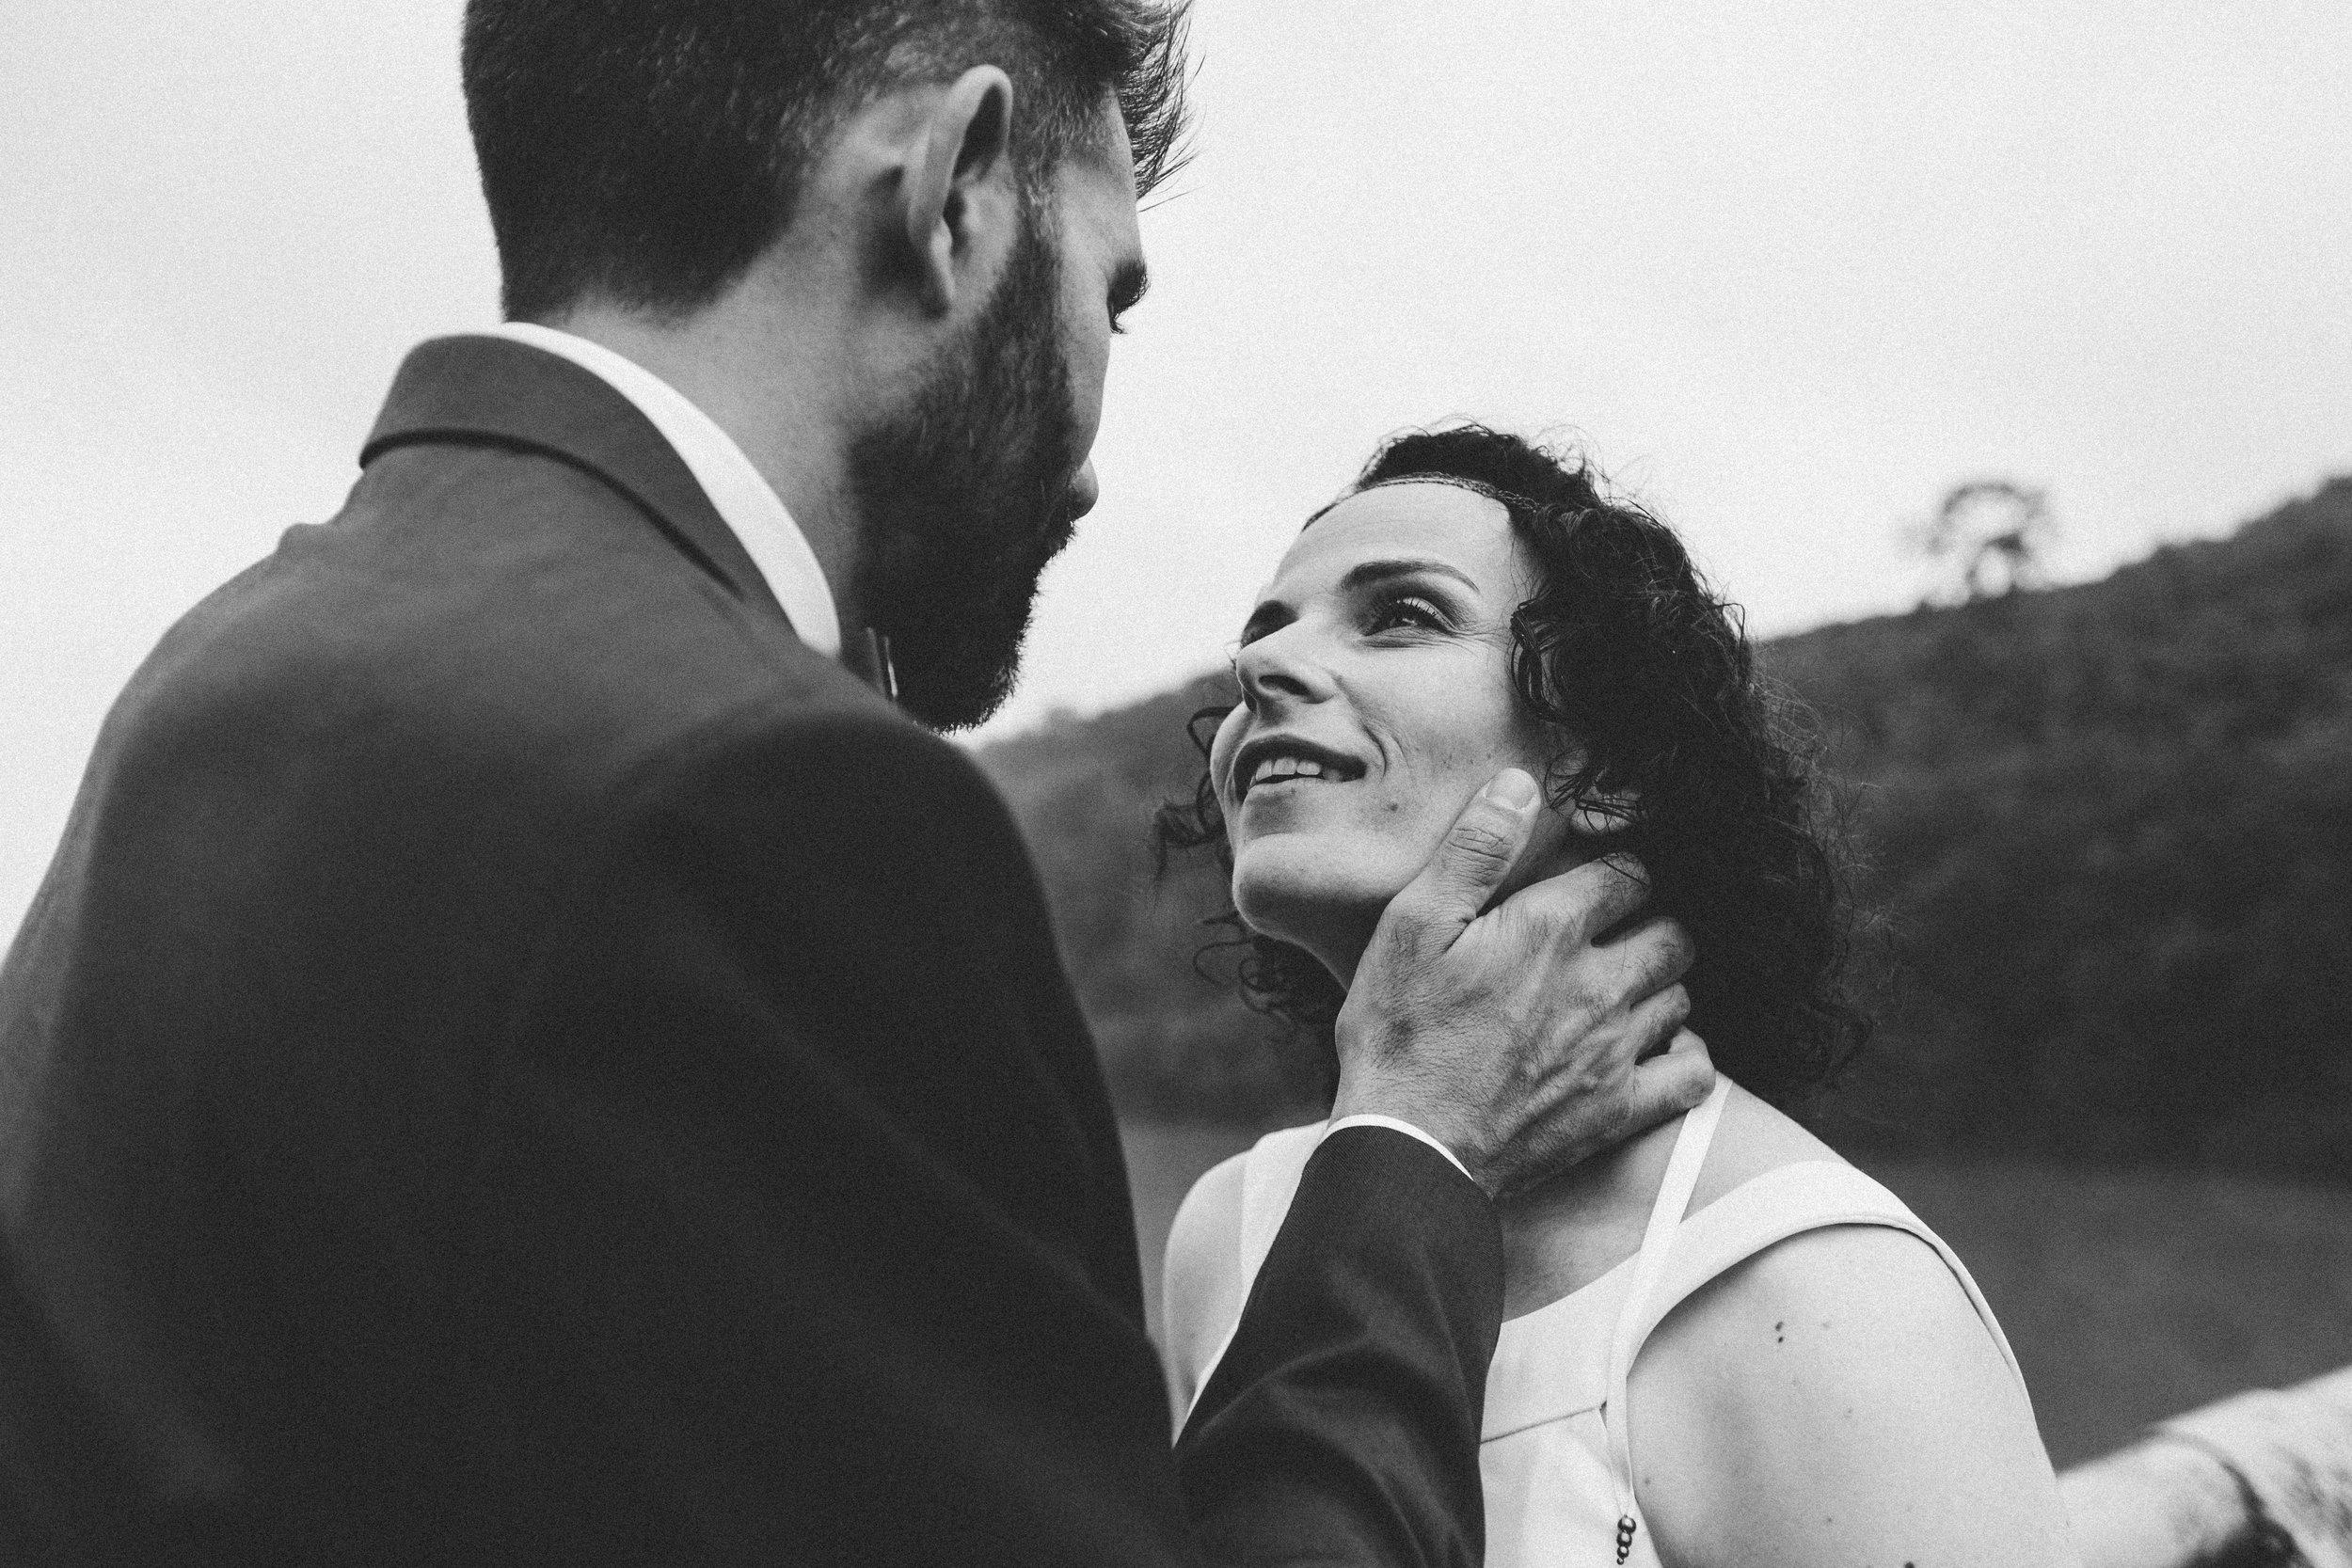 Maquilleuse+mariage+beauté+bohème+Grenoble-81.jpg